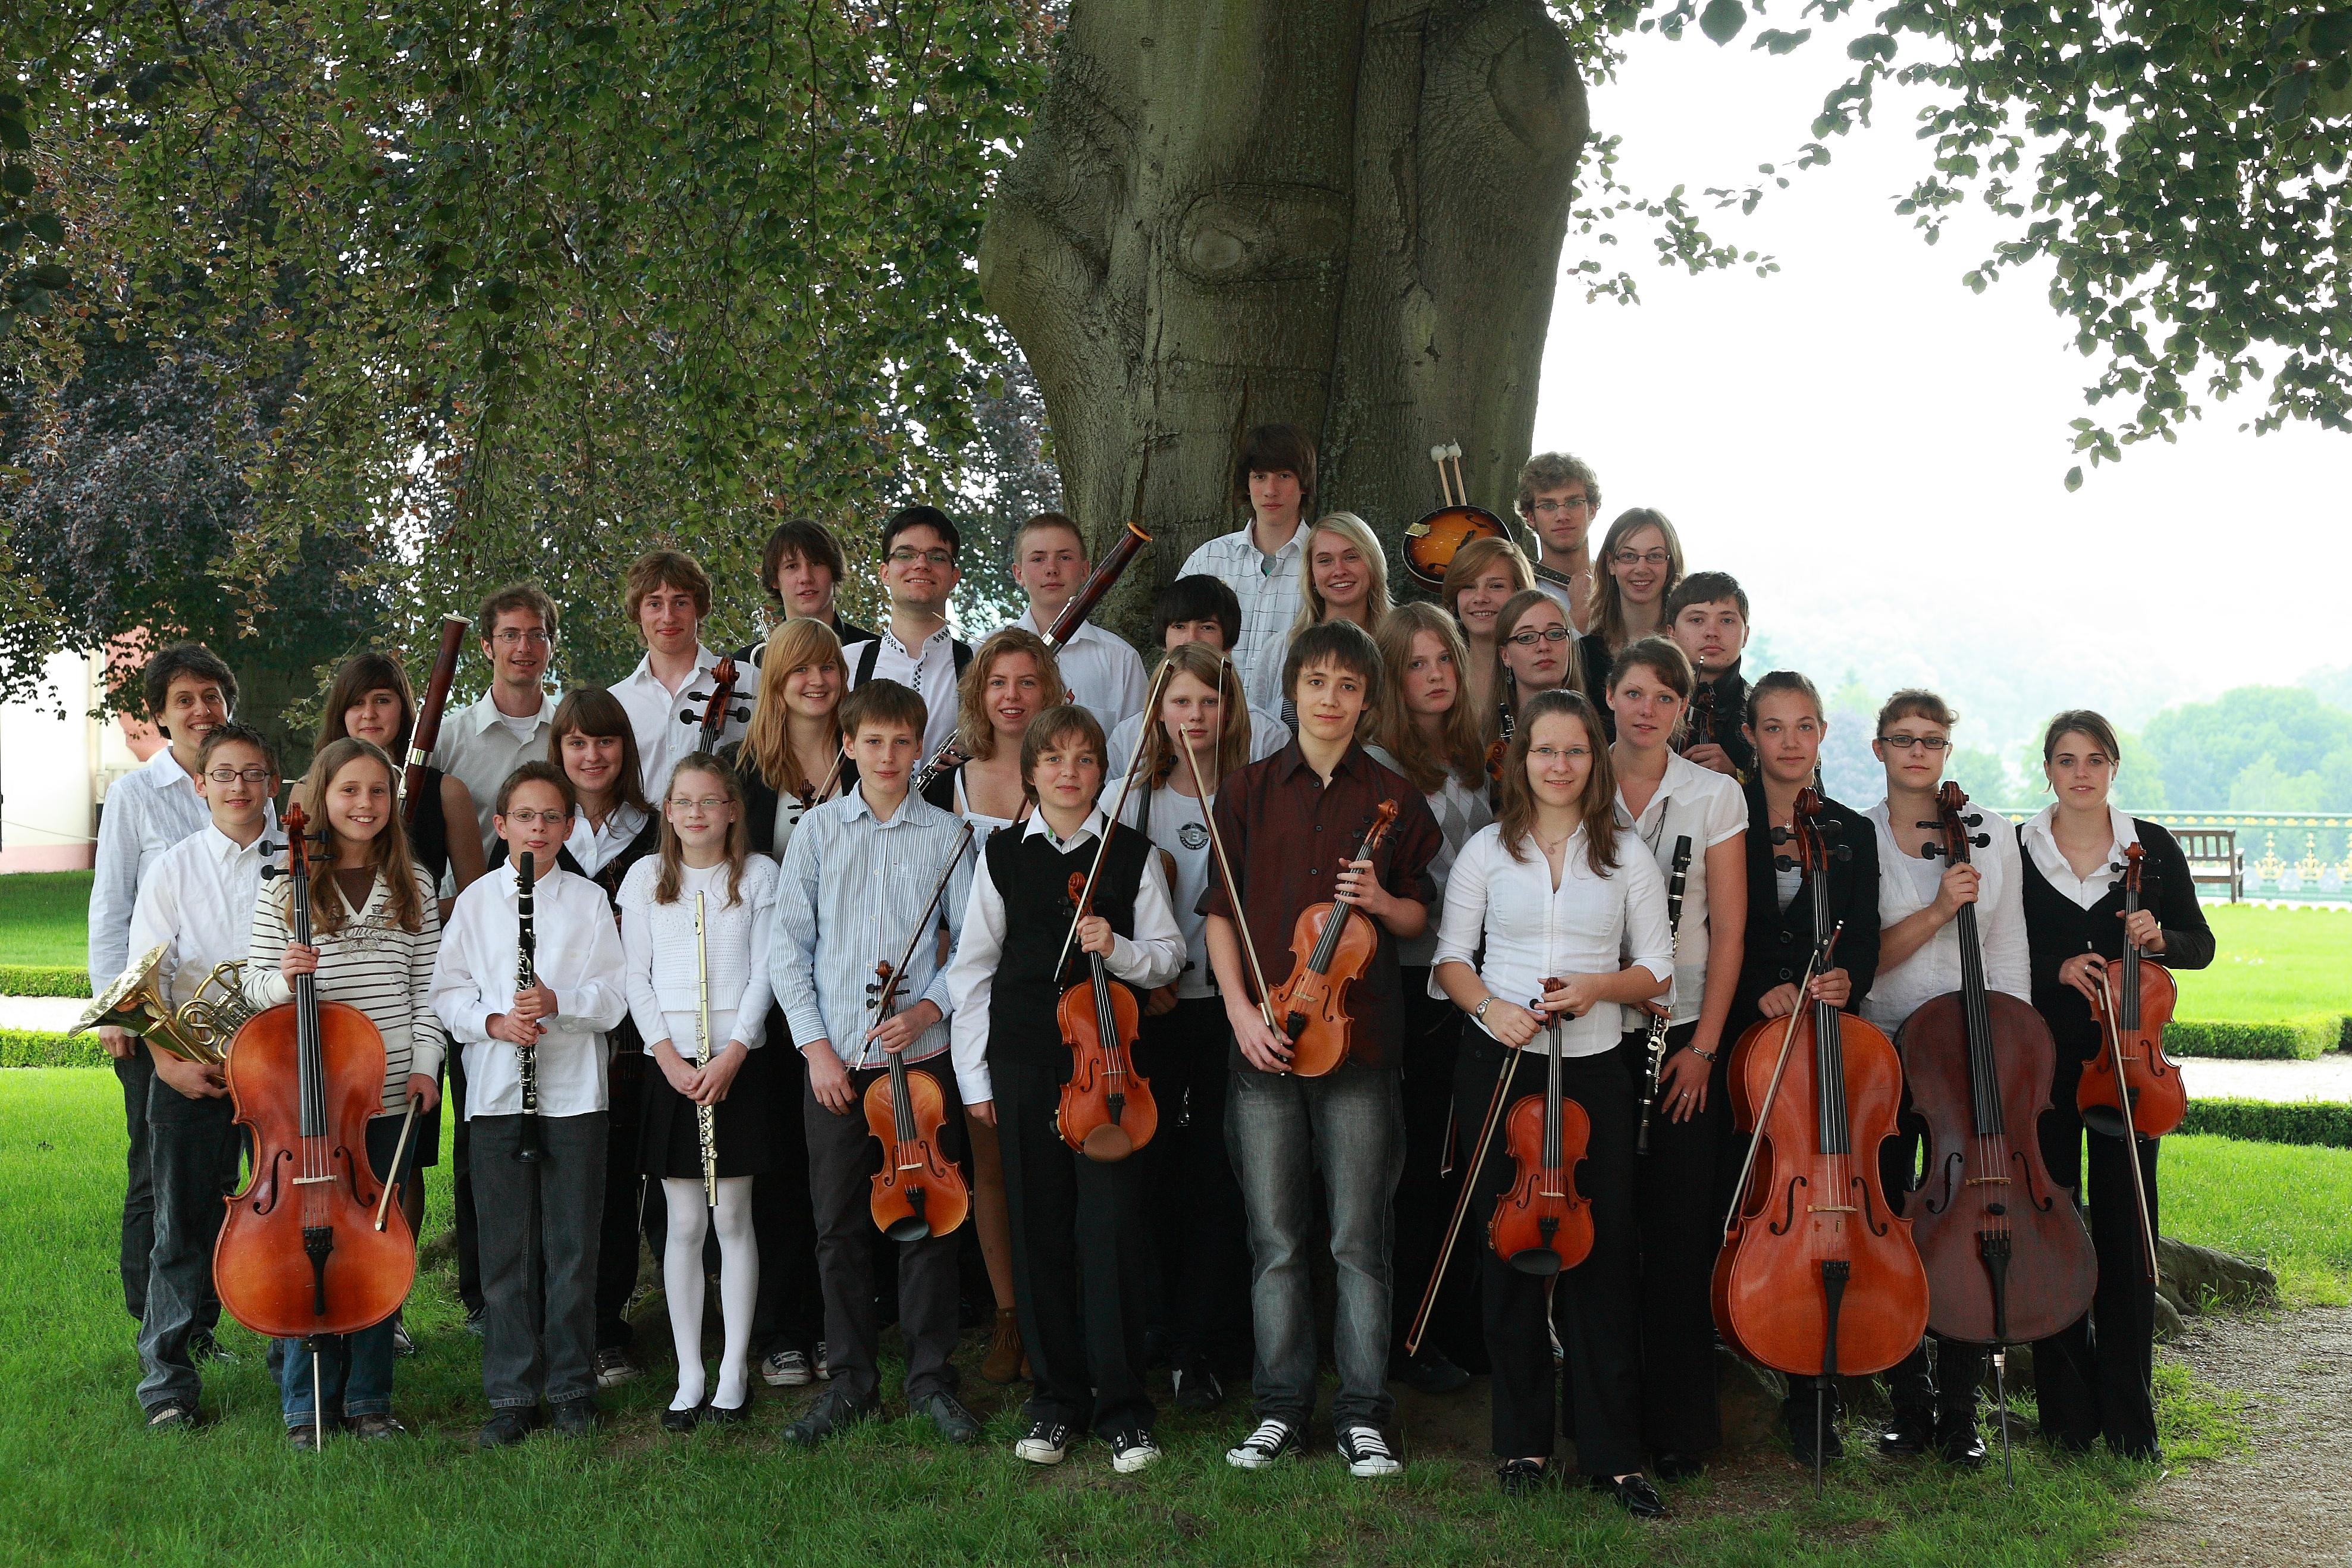 Schulorchester des Gymnasium Philippinum Weilburg im Jahr 2009 (Ltg. Martin Weinbrenner)